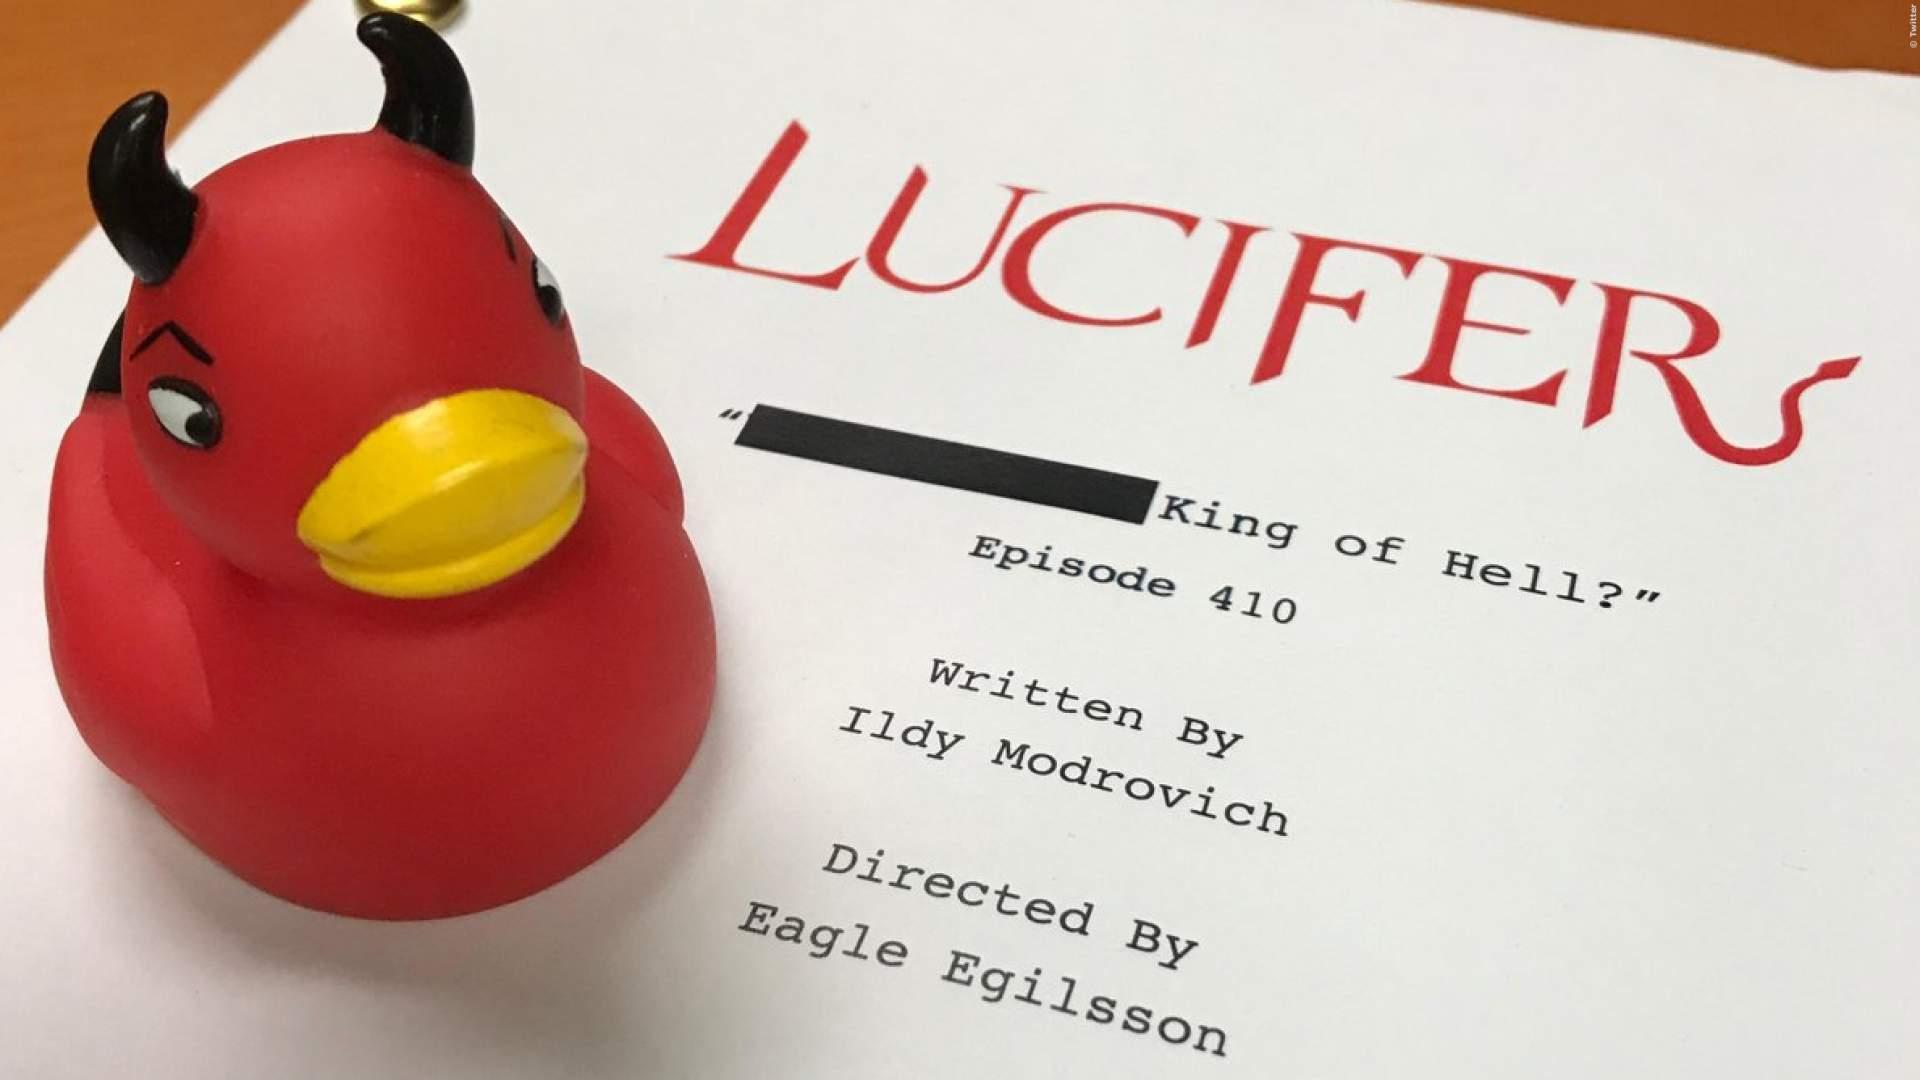 Lucifer Staffel 4: Neuer Höllenkönig angekündigt - Bild 1 von 1